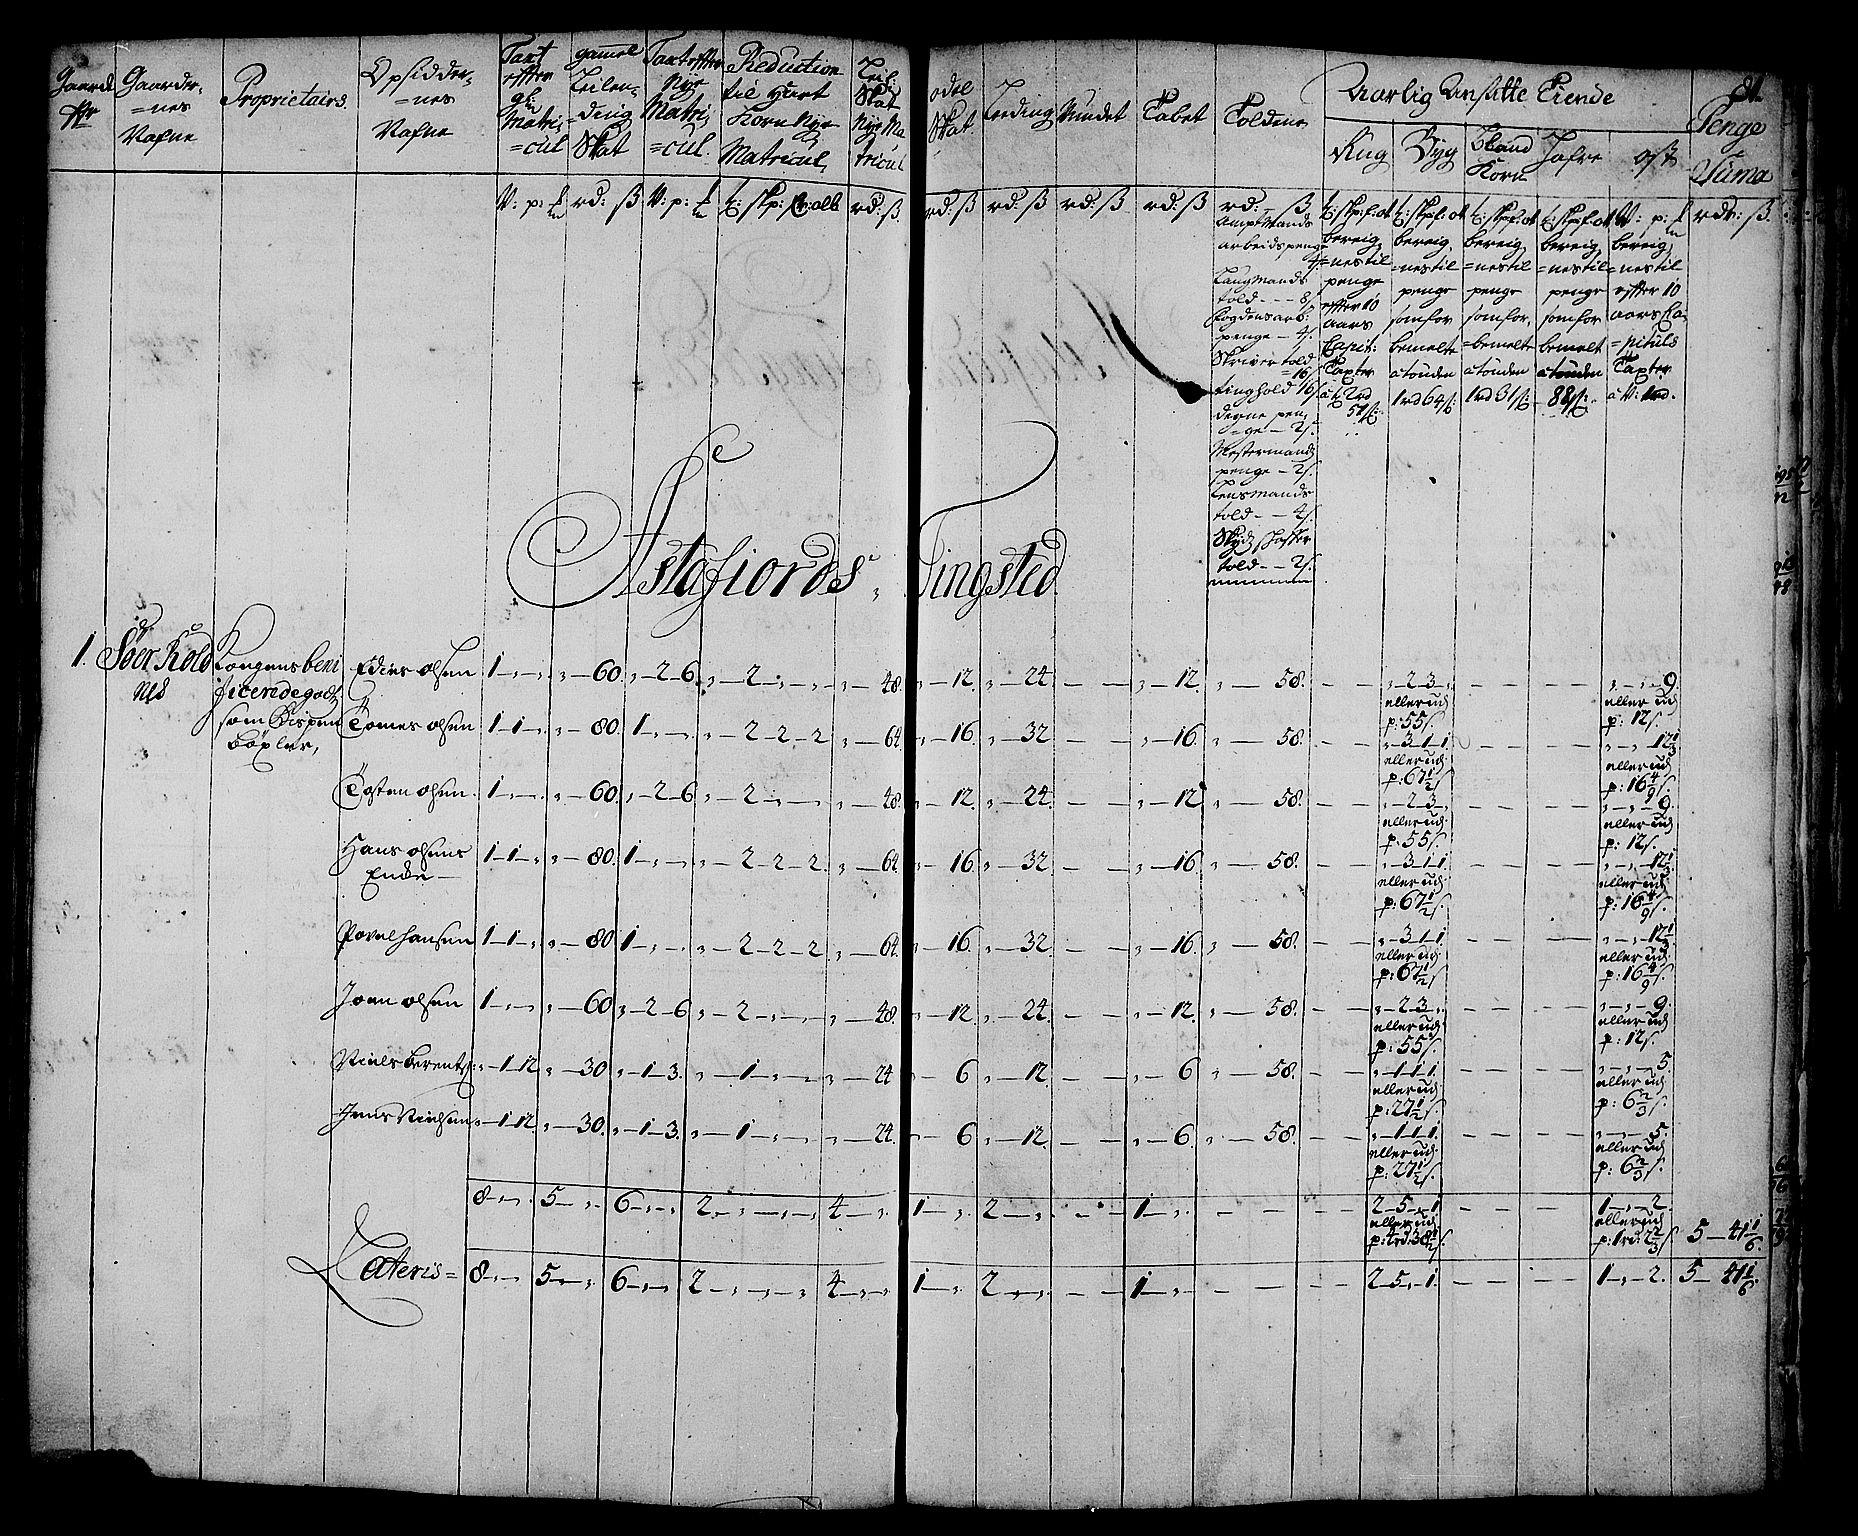 RA, Rentekammeret inntil 1814, Realistisk ordnet avdeling, N/Nb/Nbf/L0179: Senja matrikkelprotokoll, 1723, s. 80b-81a